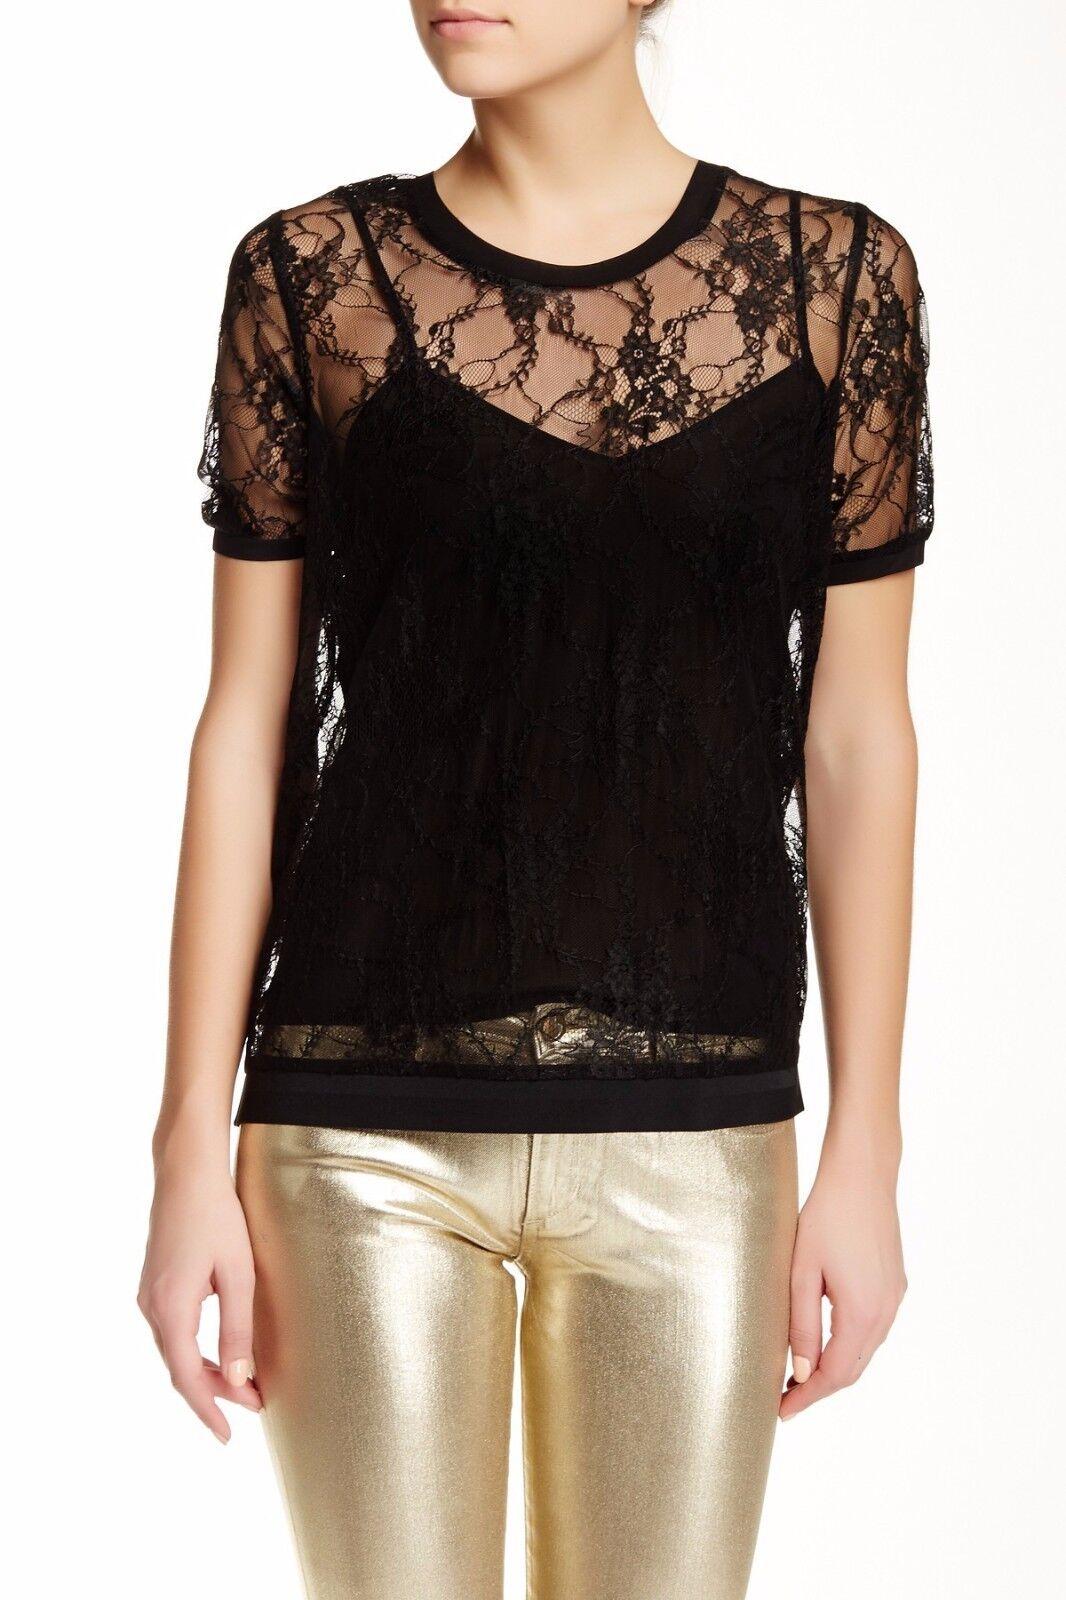 Joe's Jeans Chantal Lace Blouse & Tank Top Shirt 2 Piece Set schwarz XS Nwt